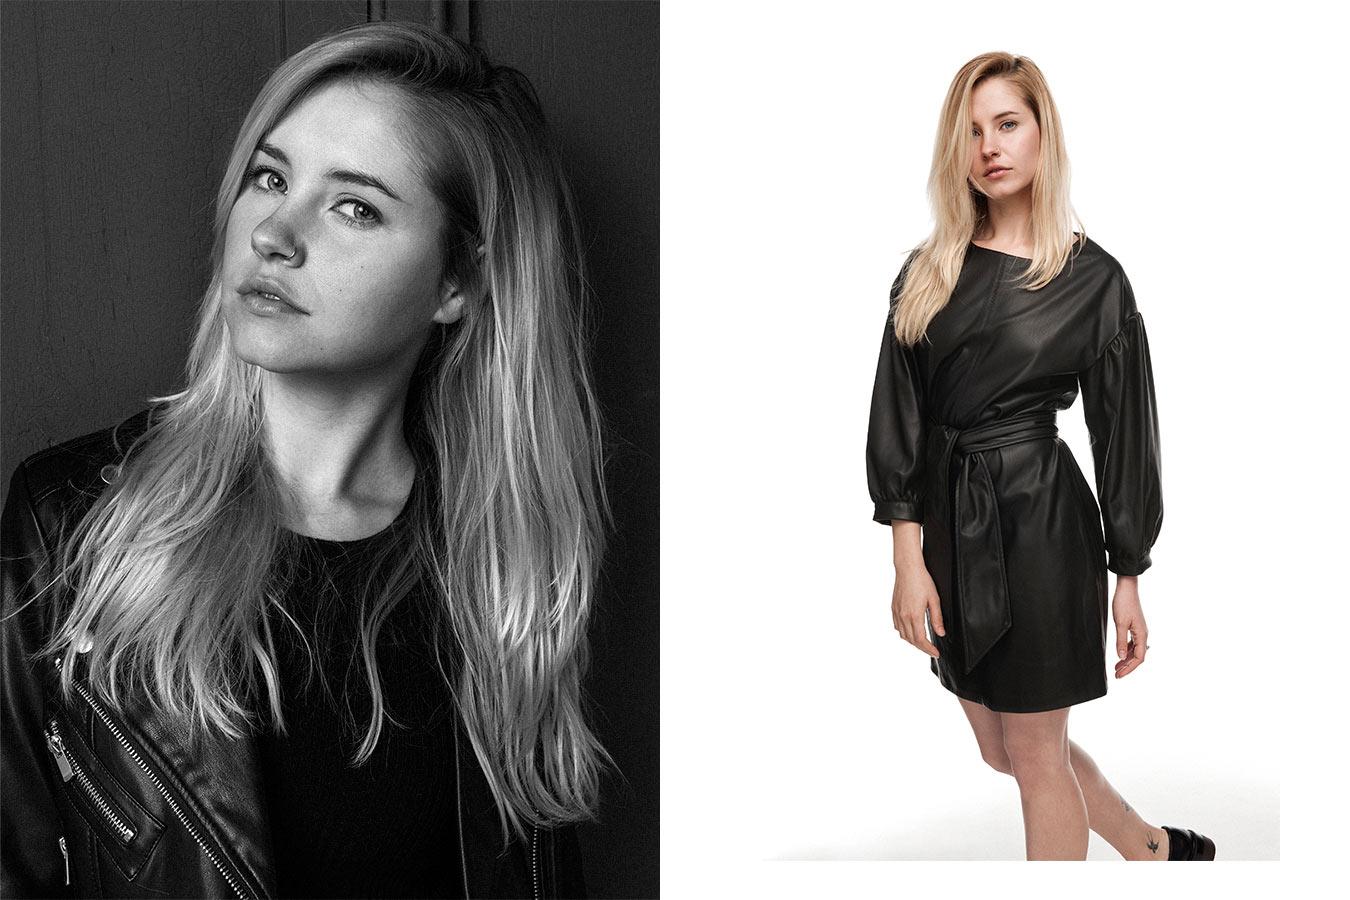 books de fotos para modelos, actores y actrices